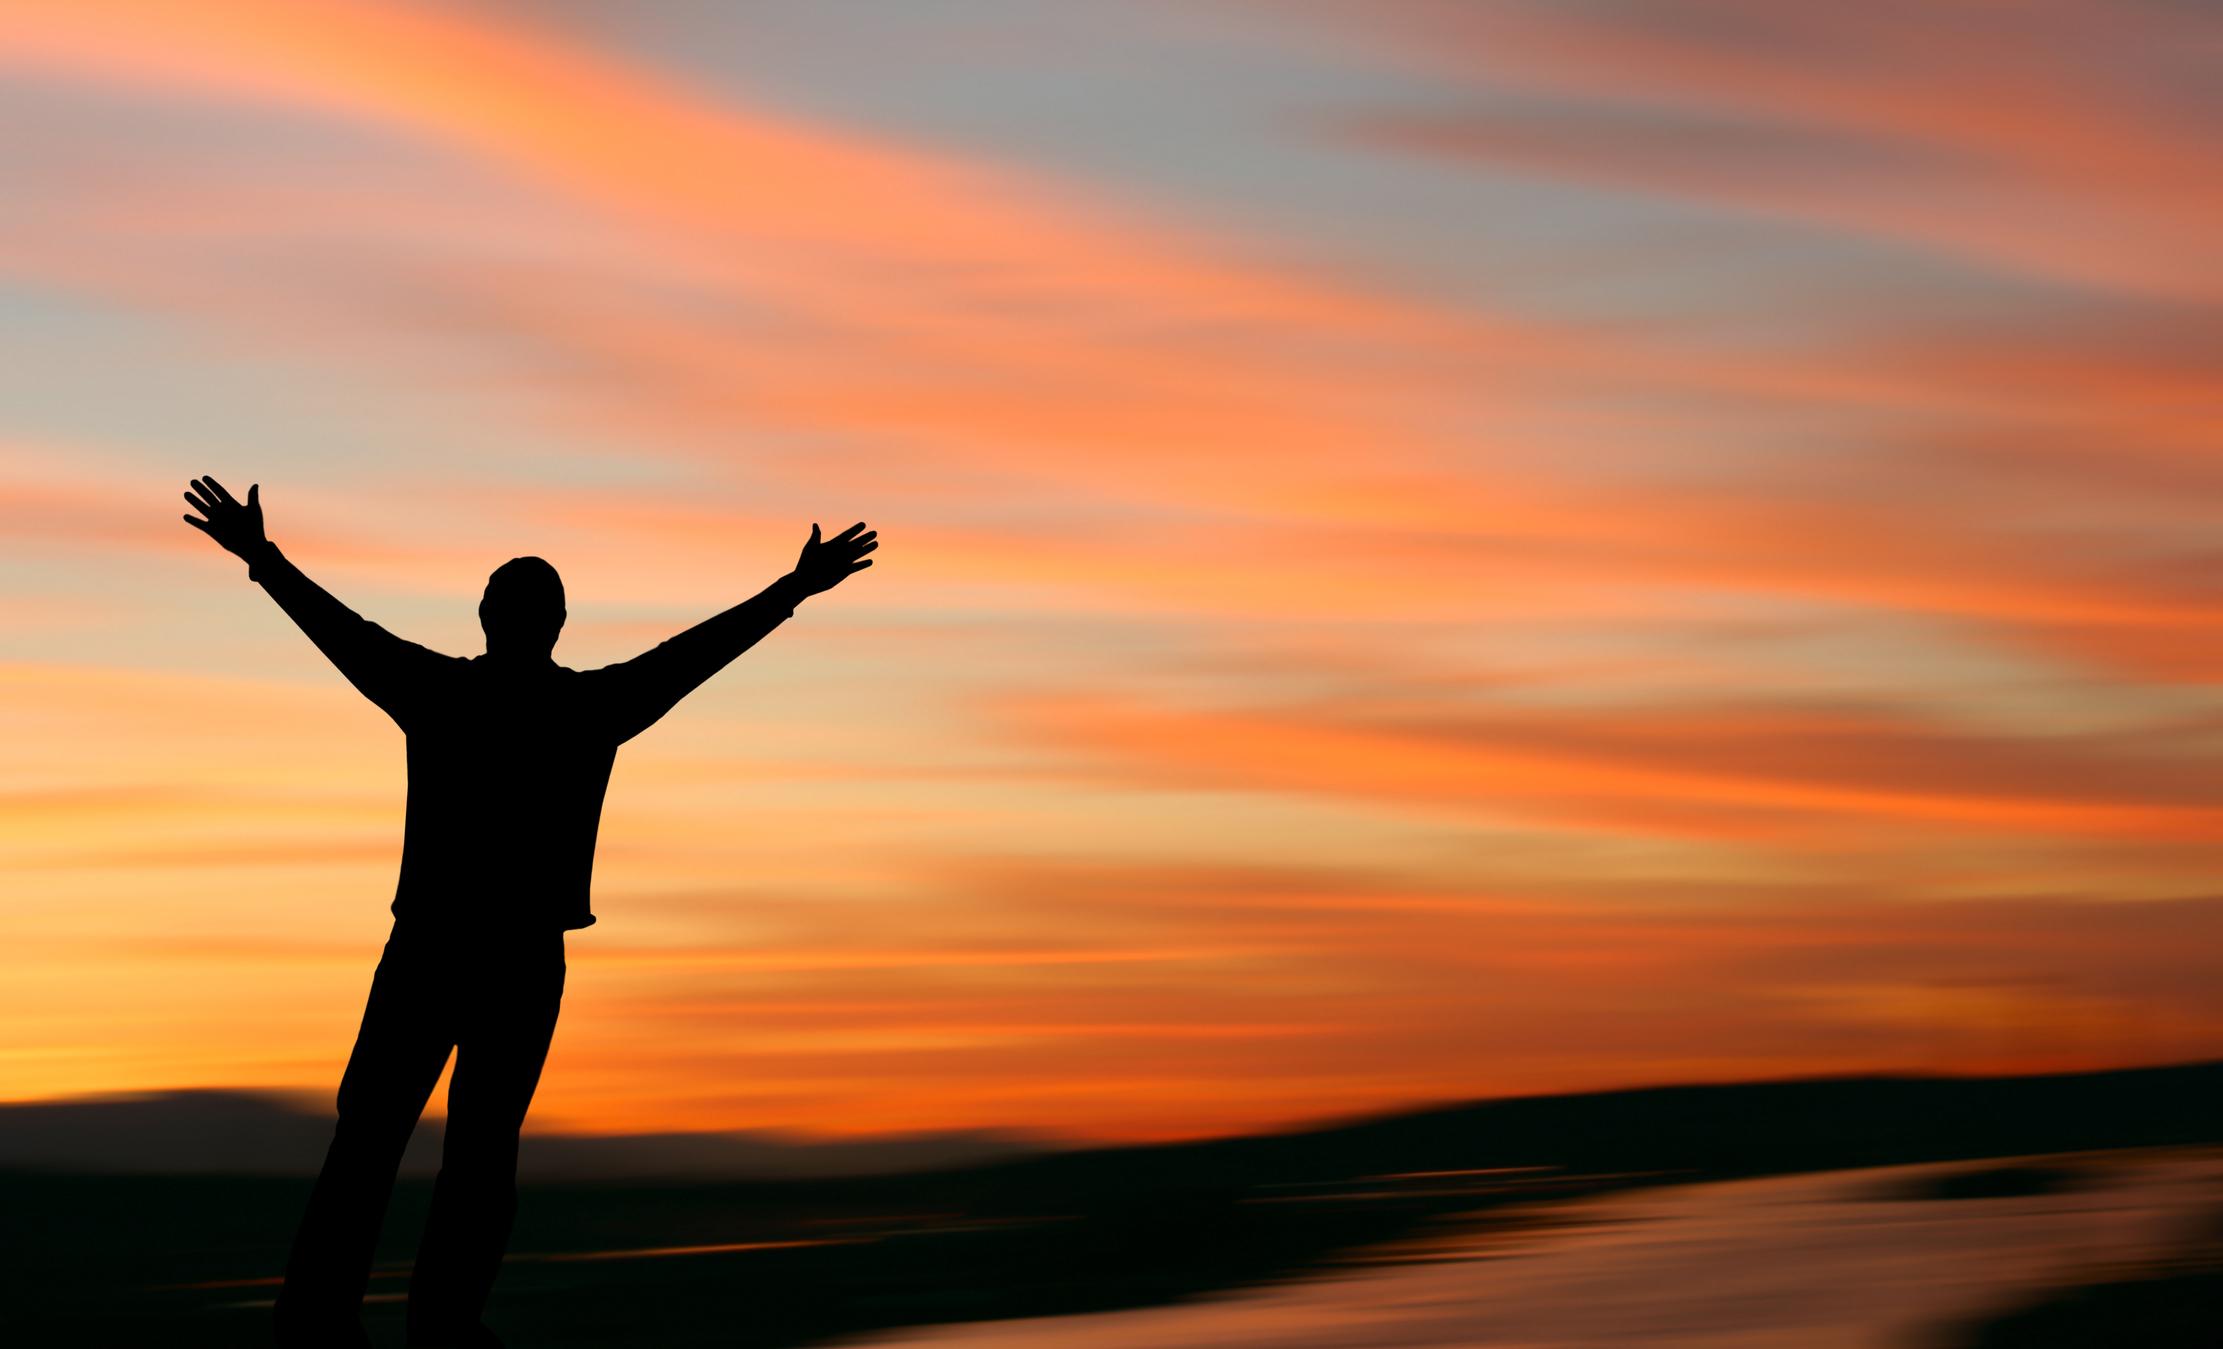 Melde dich hier zu meinem Newsletter an und erhalte meinen Ratgeber mit den 5 essentiellen Bausteinen für ein schmerzfreies Leben